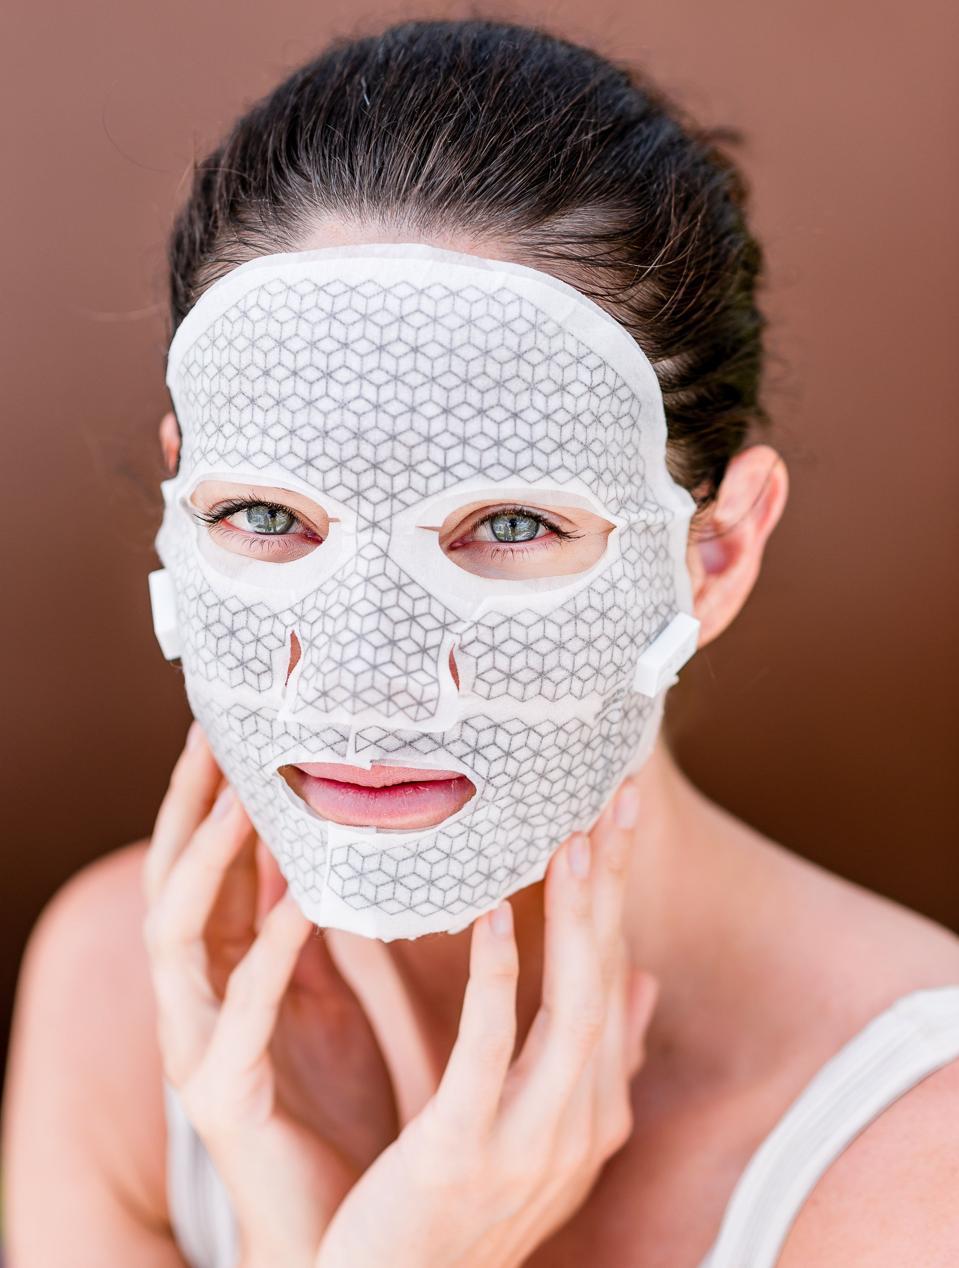 Franz Skincare Premium Microcurrent Facial Dual Mask